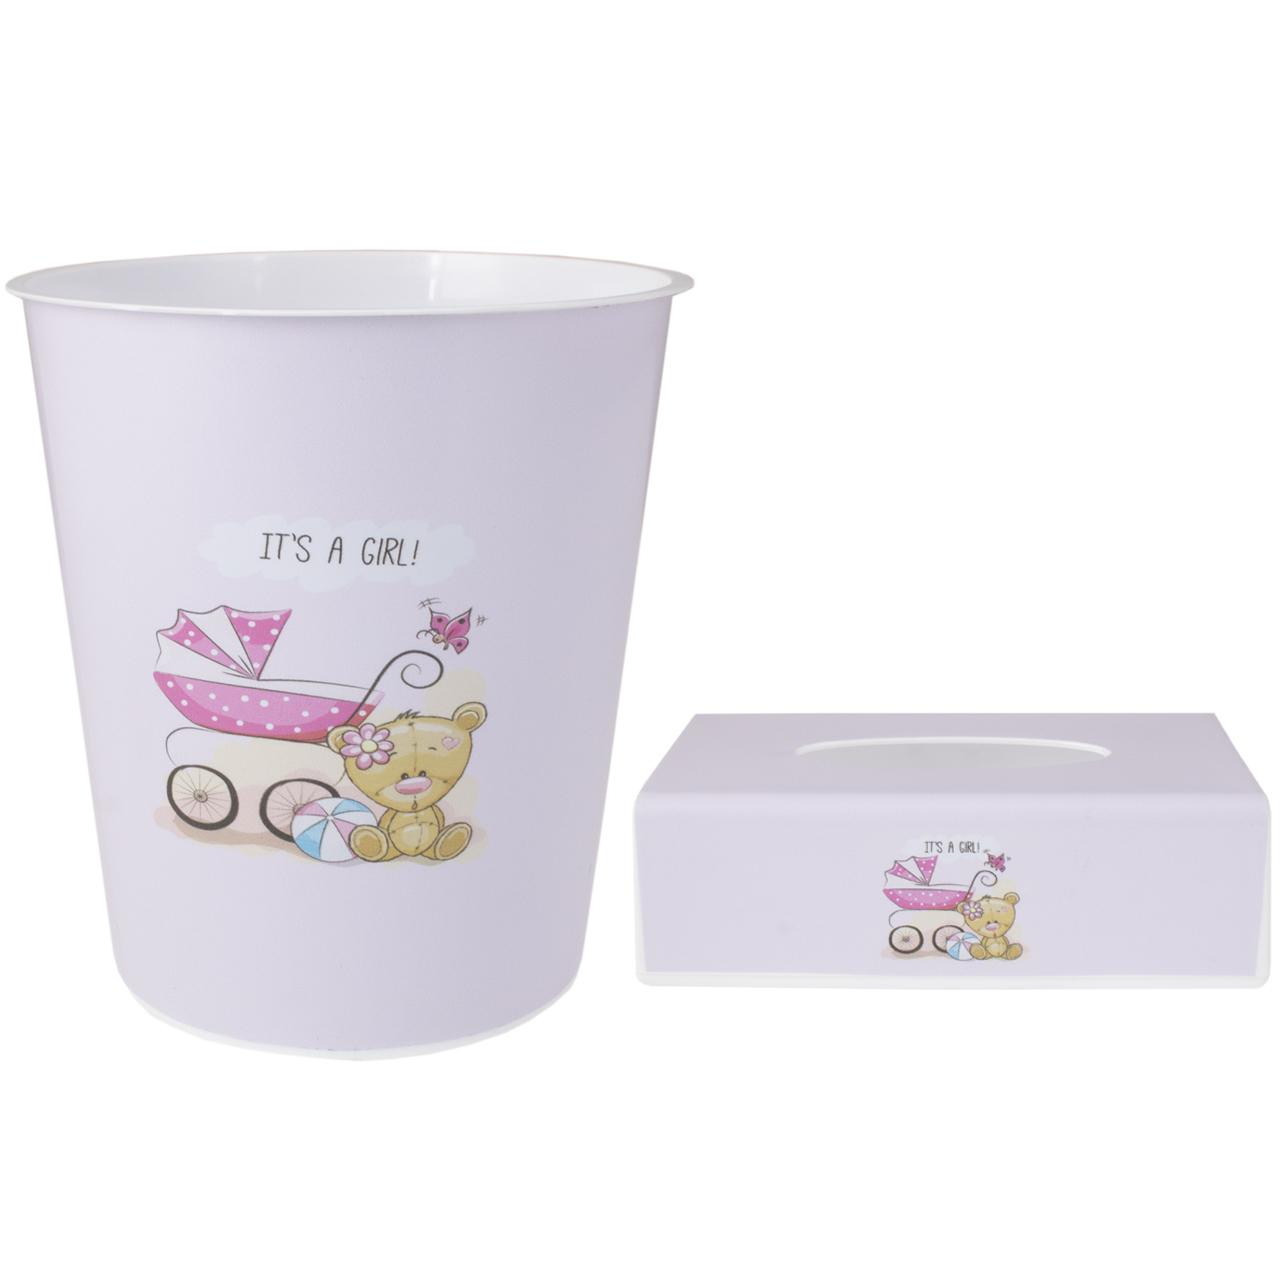 ست سطل و جادستمال اتاق کودک طرح خرس کد 0114